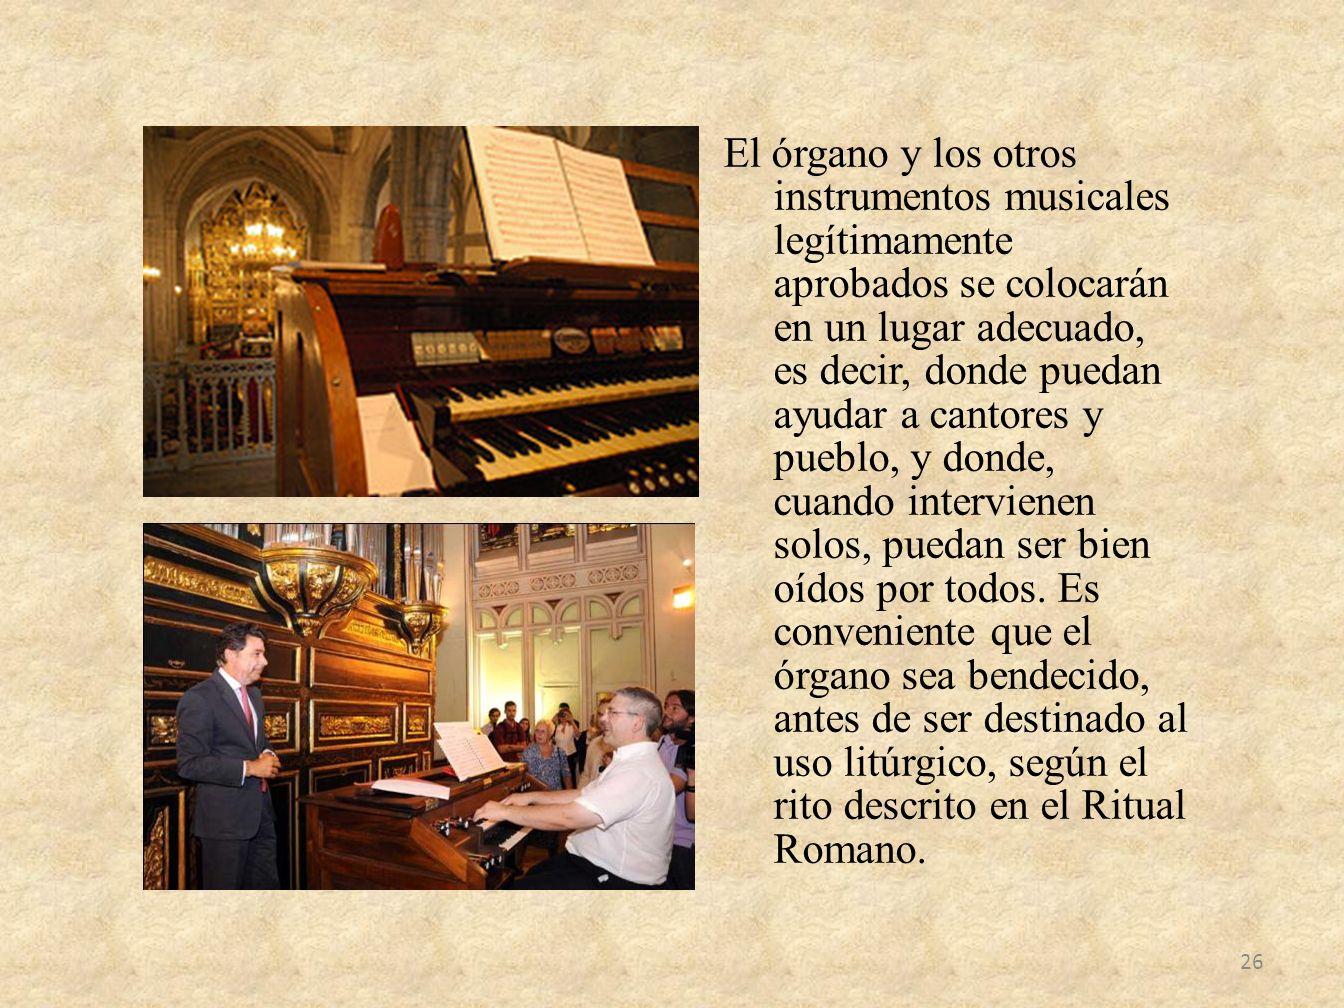 El órgano y los otros instrumentos musicales legítimamente aprobados se colocarán en un lugar adecuado, es decir, donde puedan ayudar a cantores y pueblo, y donde, cuando intervienen solos, puedan ser bien oídos por todos.